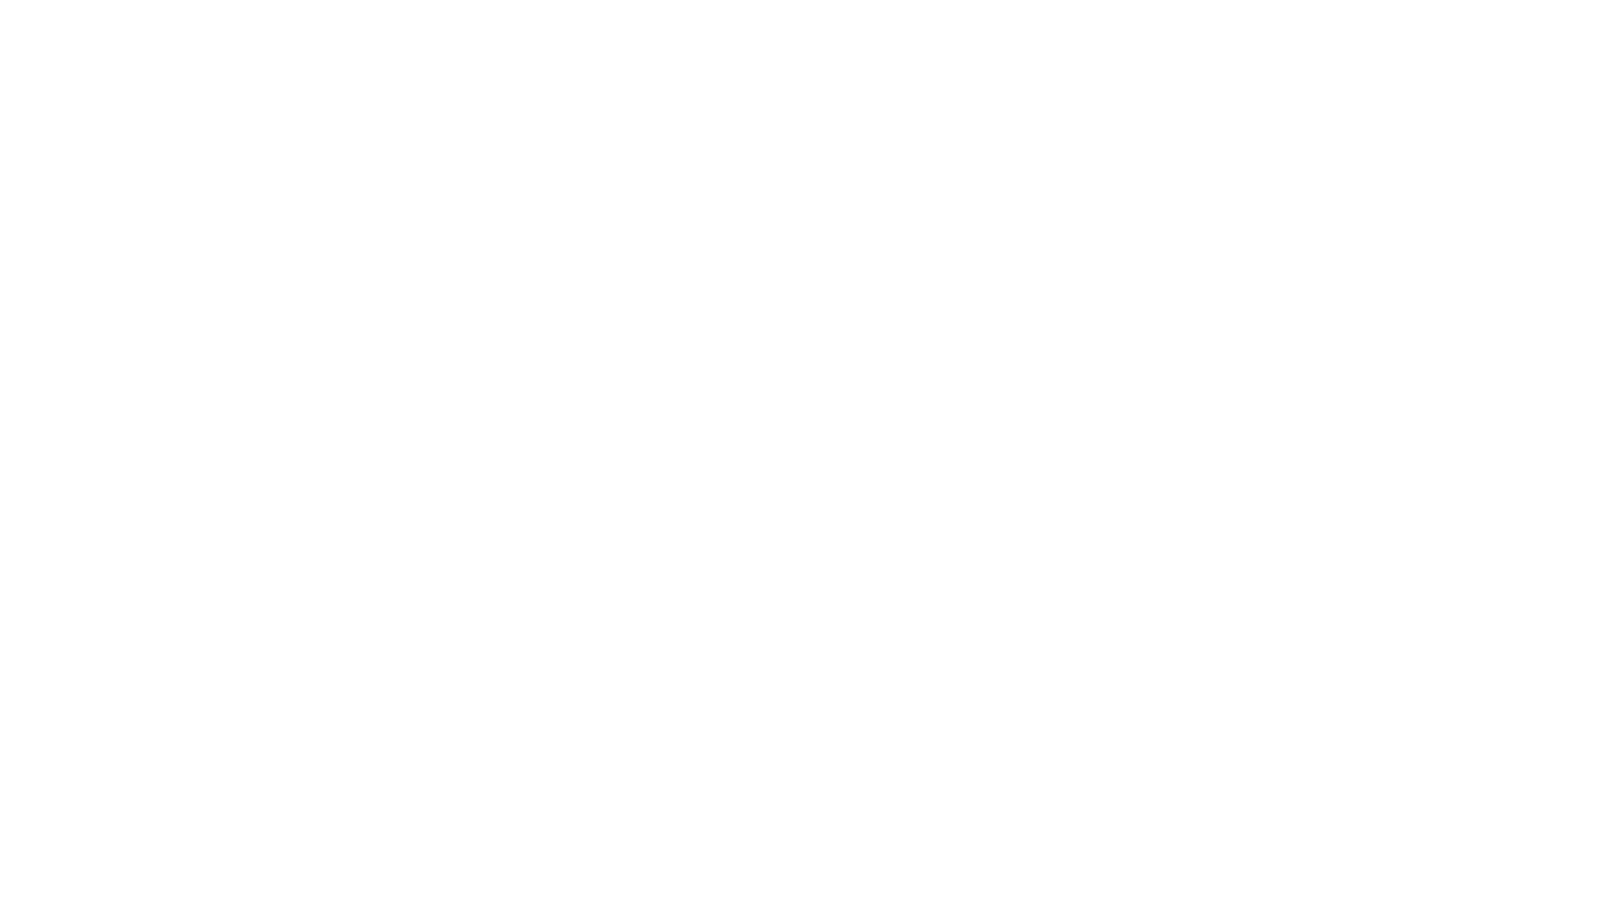 Queda de frame no jogo  XIII (Remake) - 2020 https://garotanocontrole.com.br/2020/11/analise-de-xiii/ #RemakeXIII #garotanocontrole